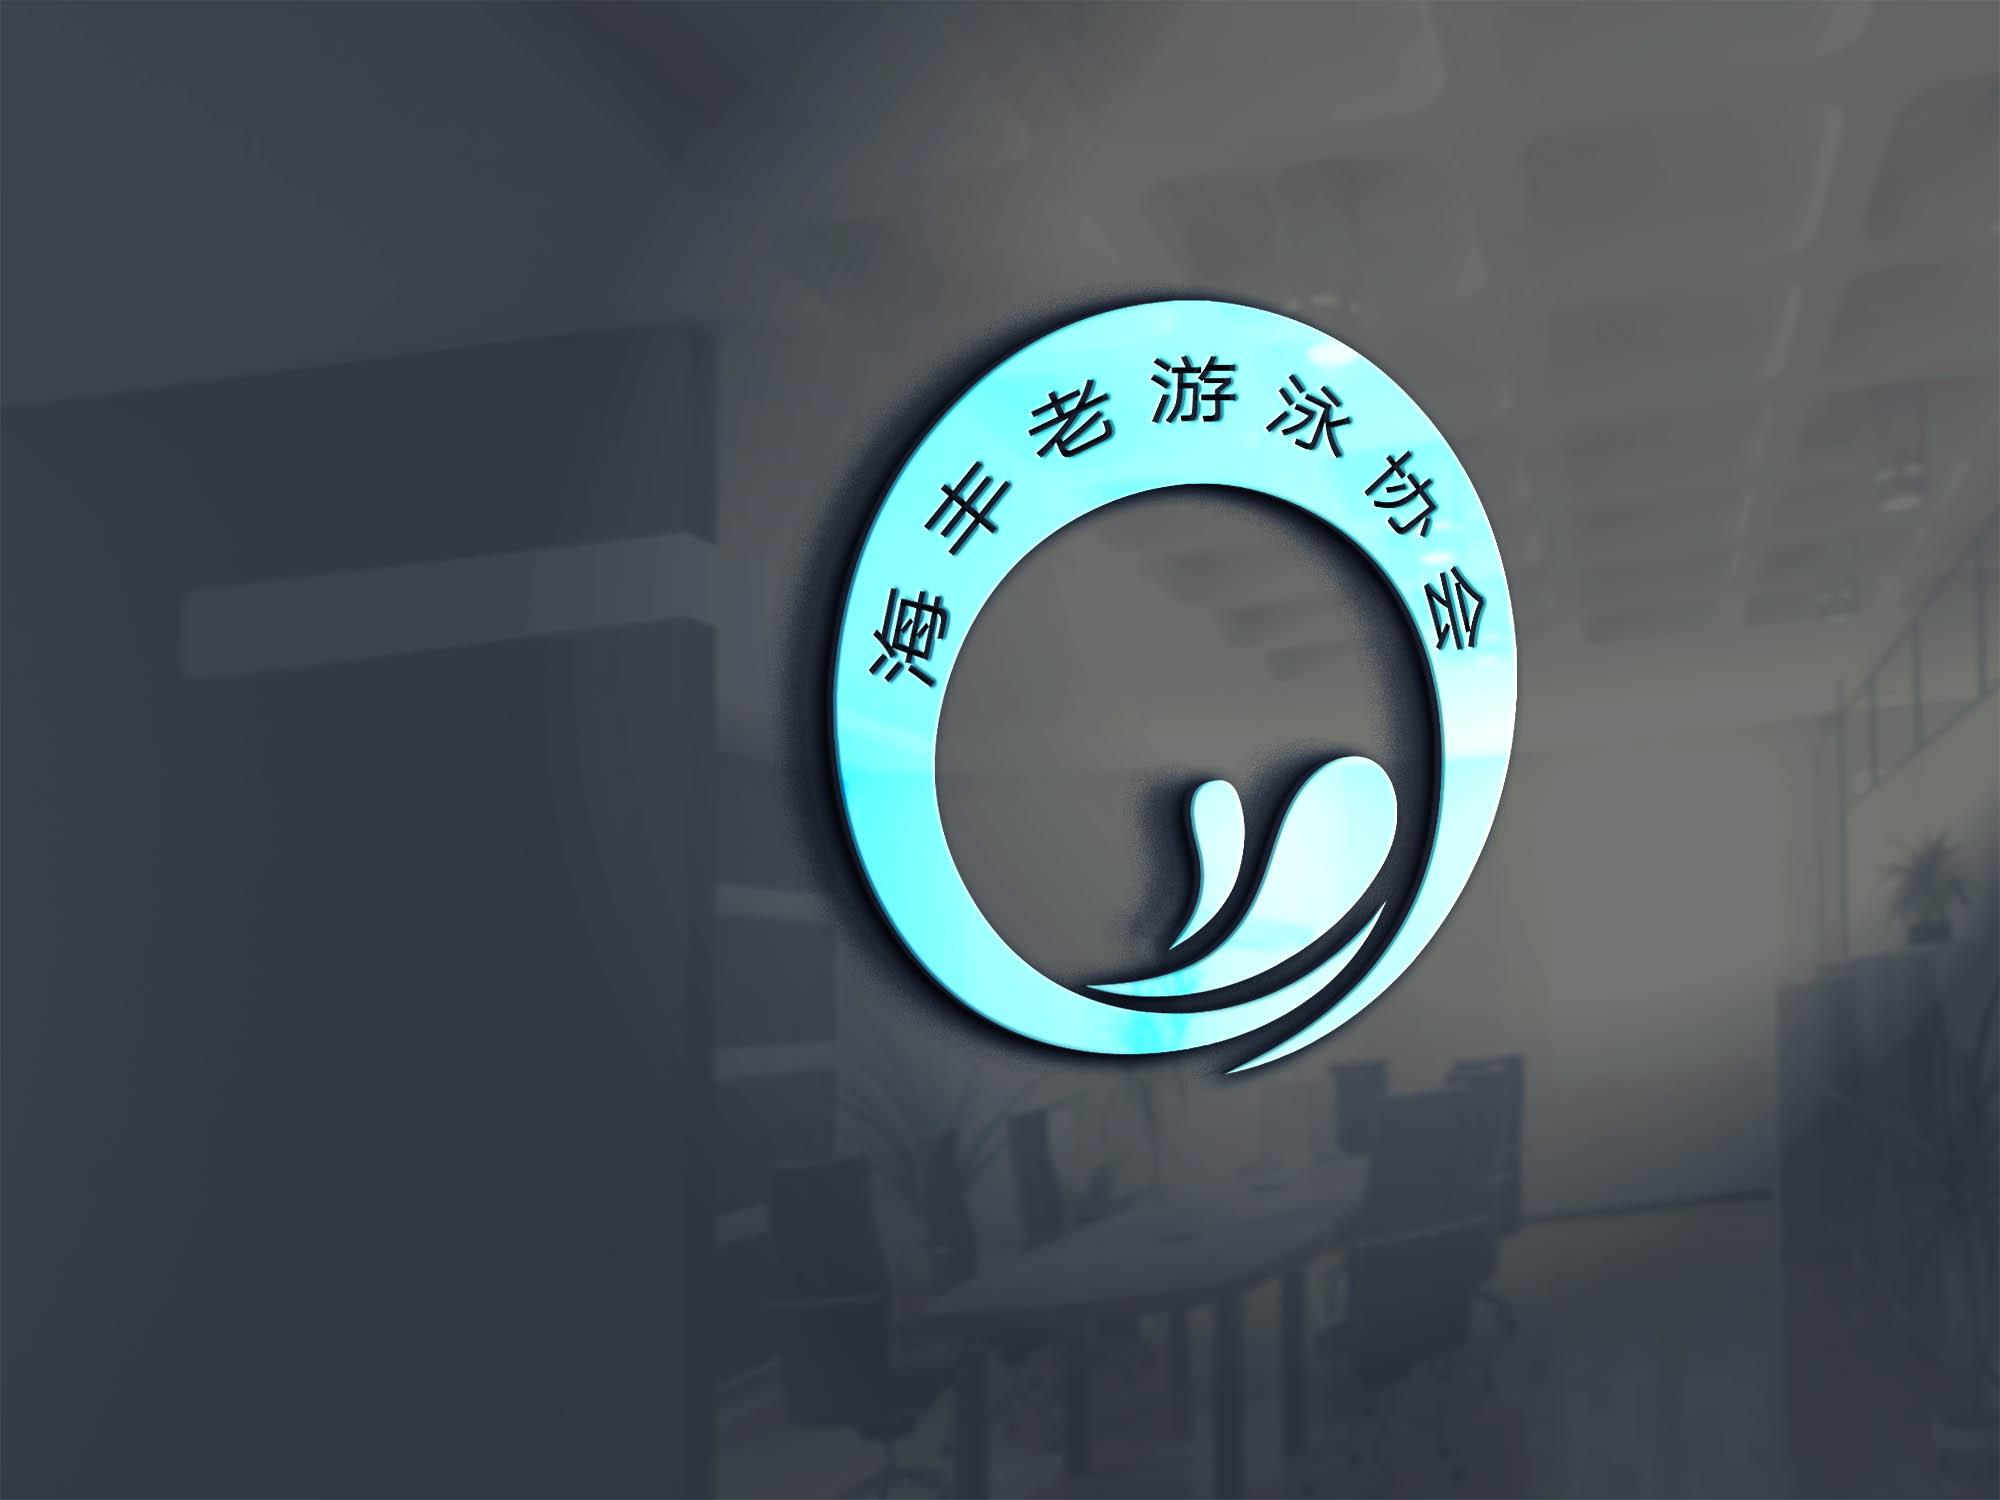 海丰老游泳协会logo设计_3025876_k68威客网